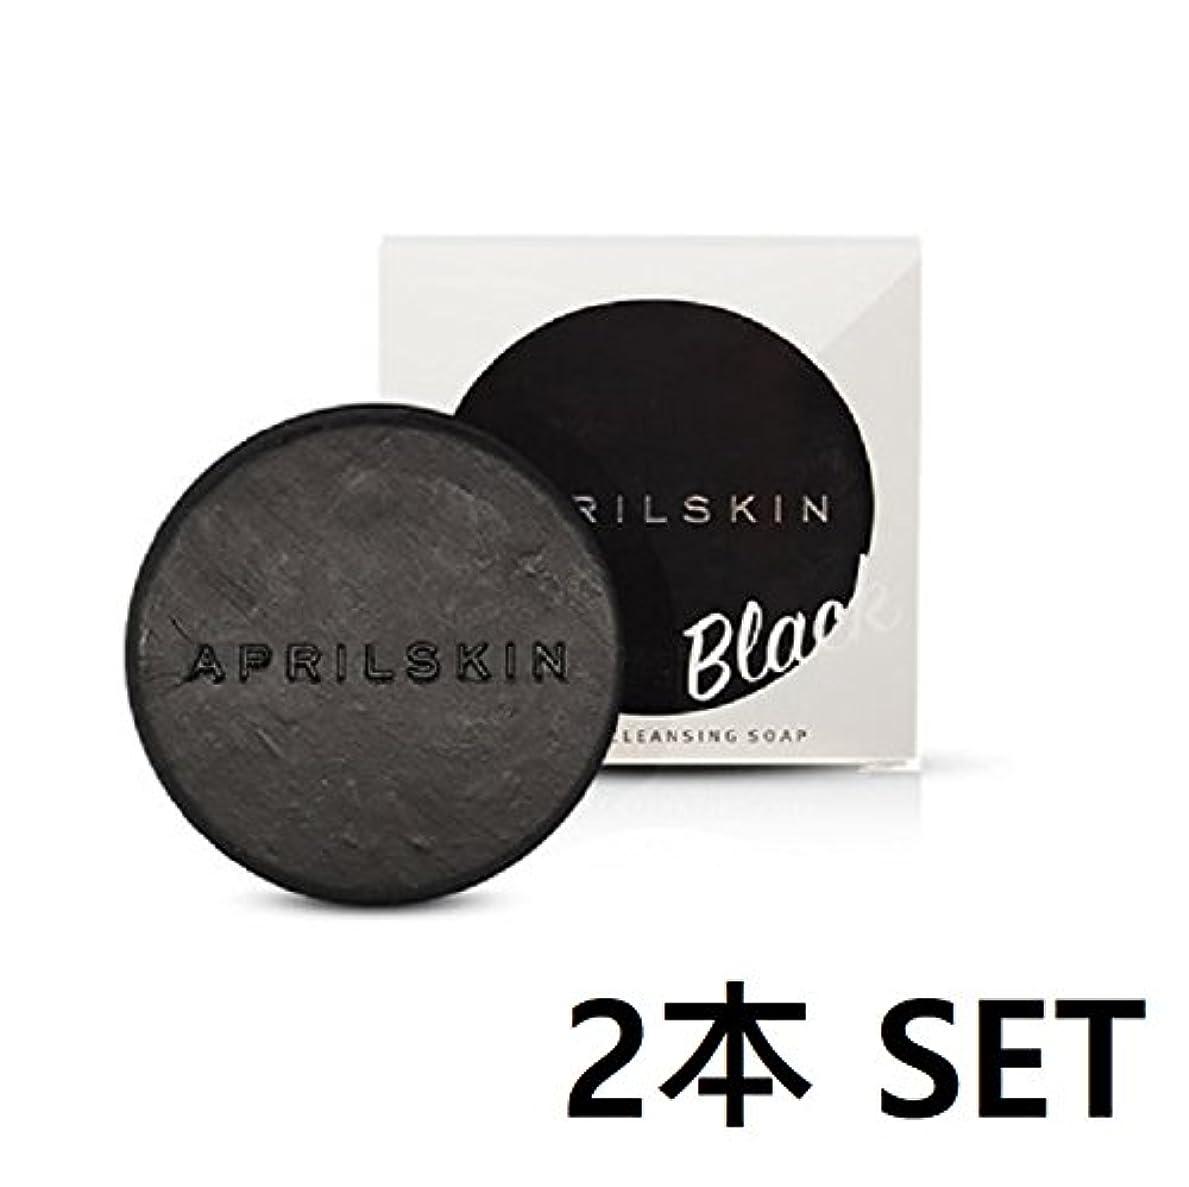 ペイント素晴らしきハッピー[APRILSKIN] エイプリルスキン国民石鹸 BLACK X 2pcs SET(APRIL SKIN magic stone マジックストーンのリニューアルバージョン新発売) (BLACK) [並行輸入品]